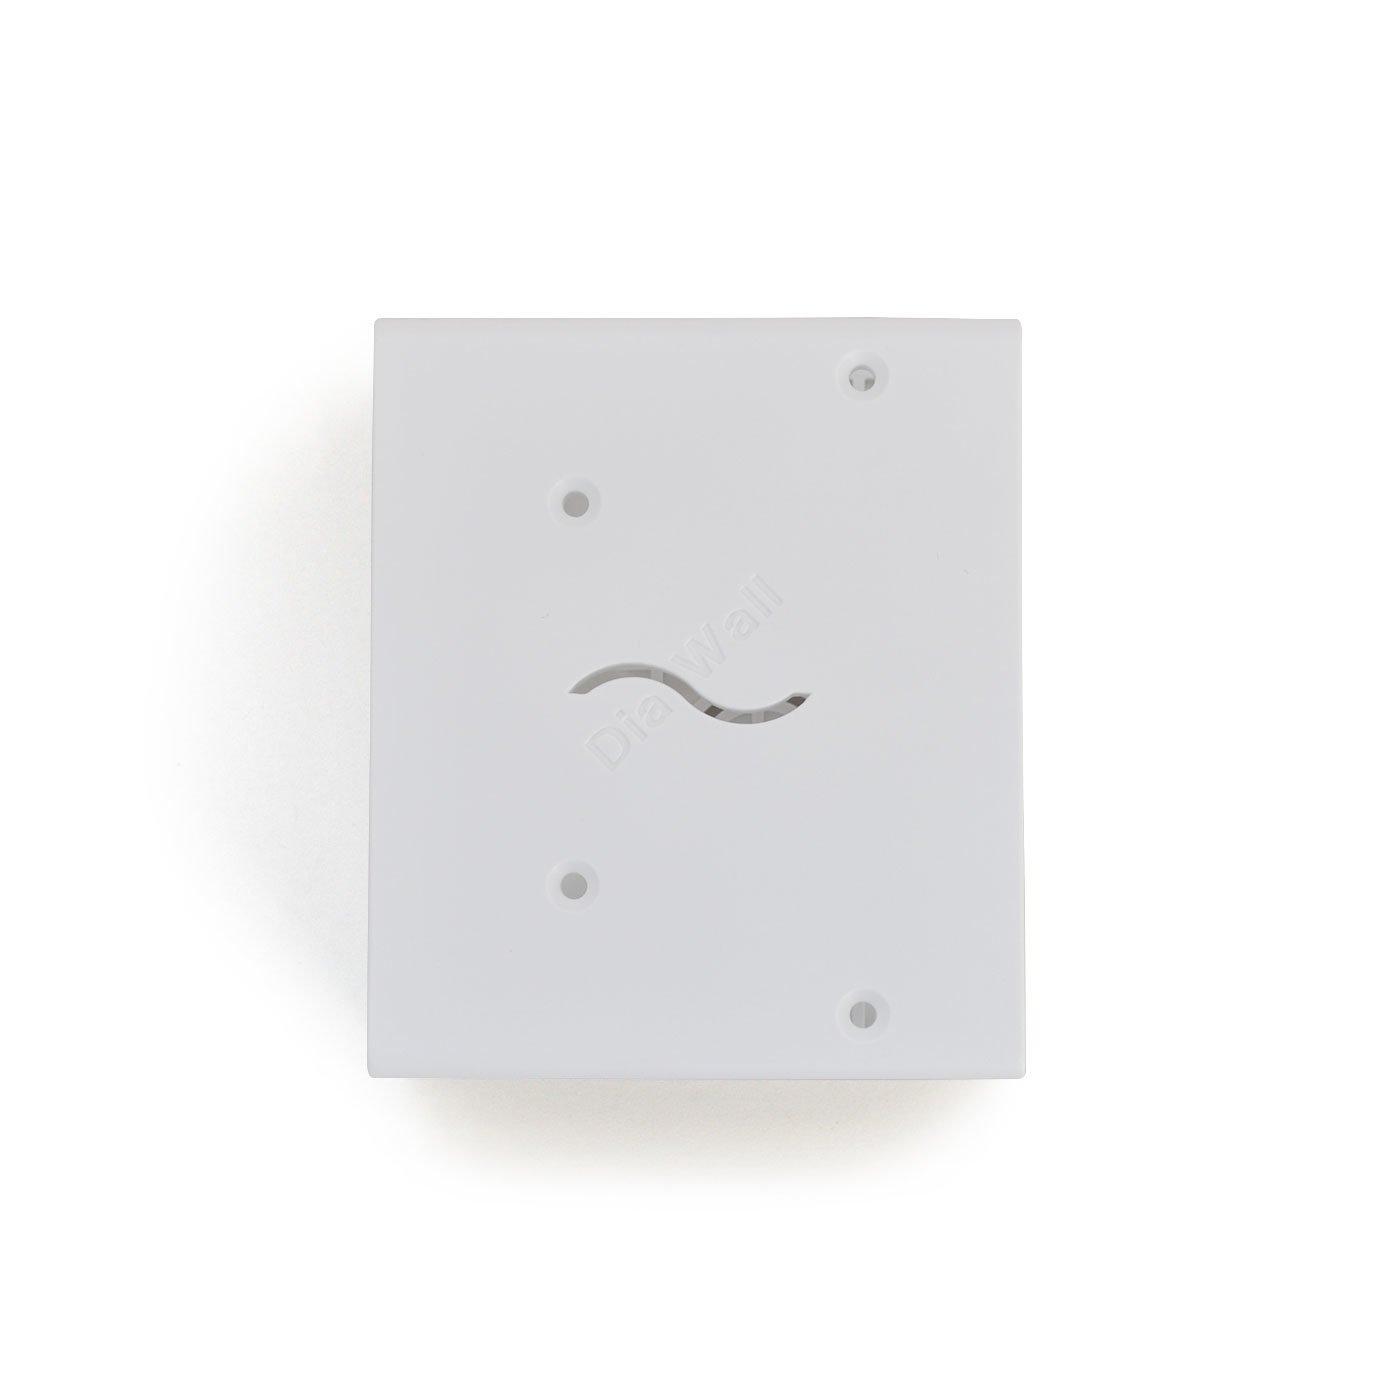 ディアウォール専用 2×4材中間ジョイントパーツ ホワイト